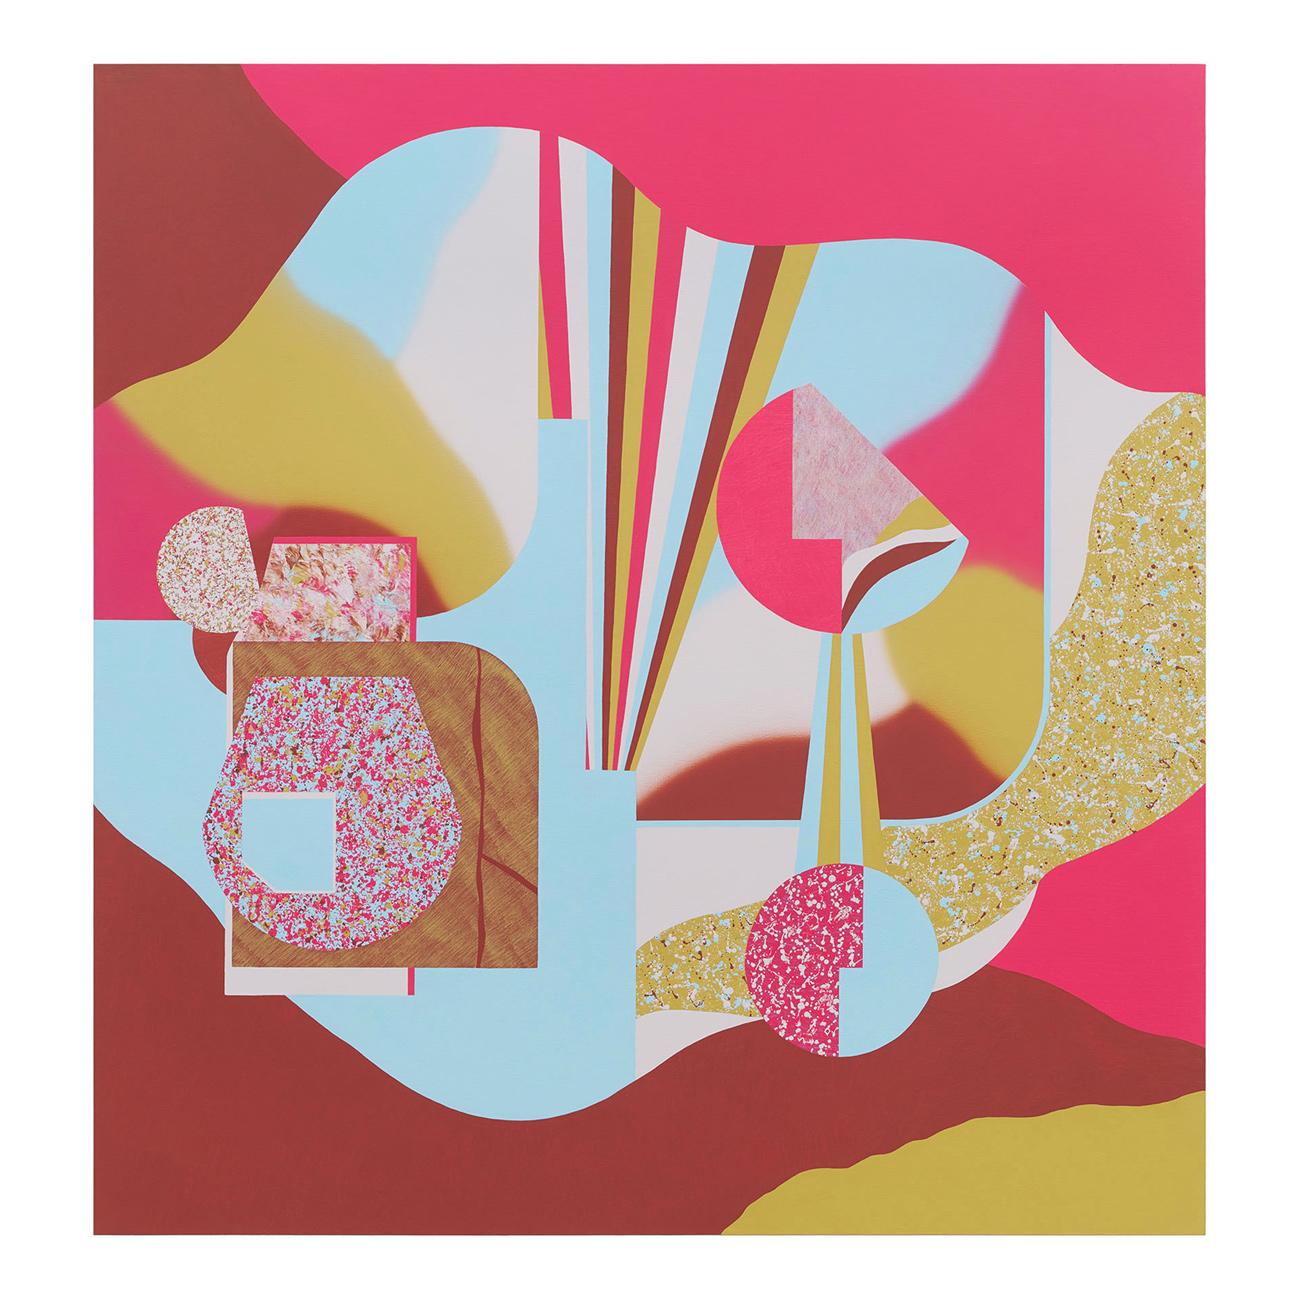 Rosarot/Morgendämmerung . 2021 . 180 x 170 cm . Acryl auf Baumwolle